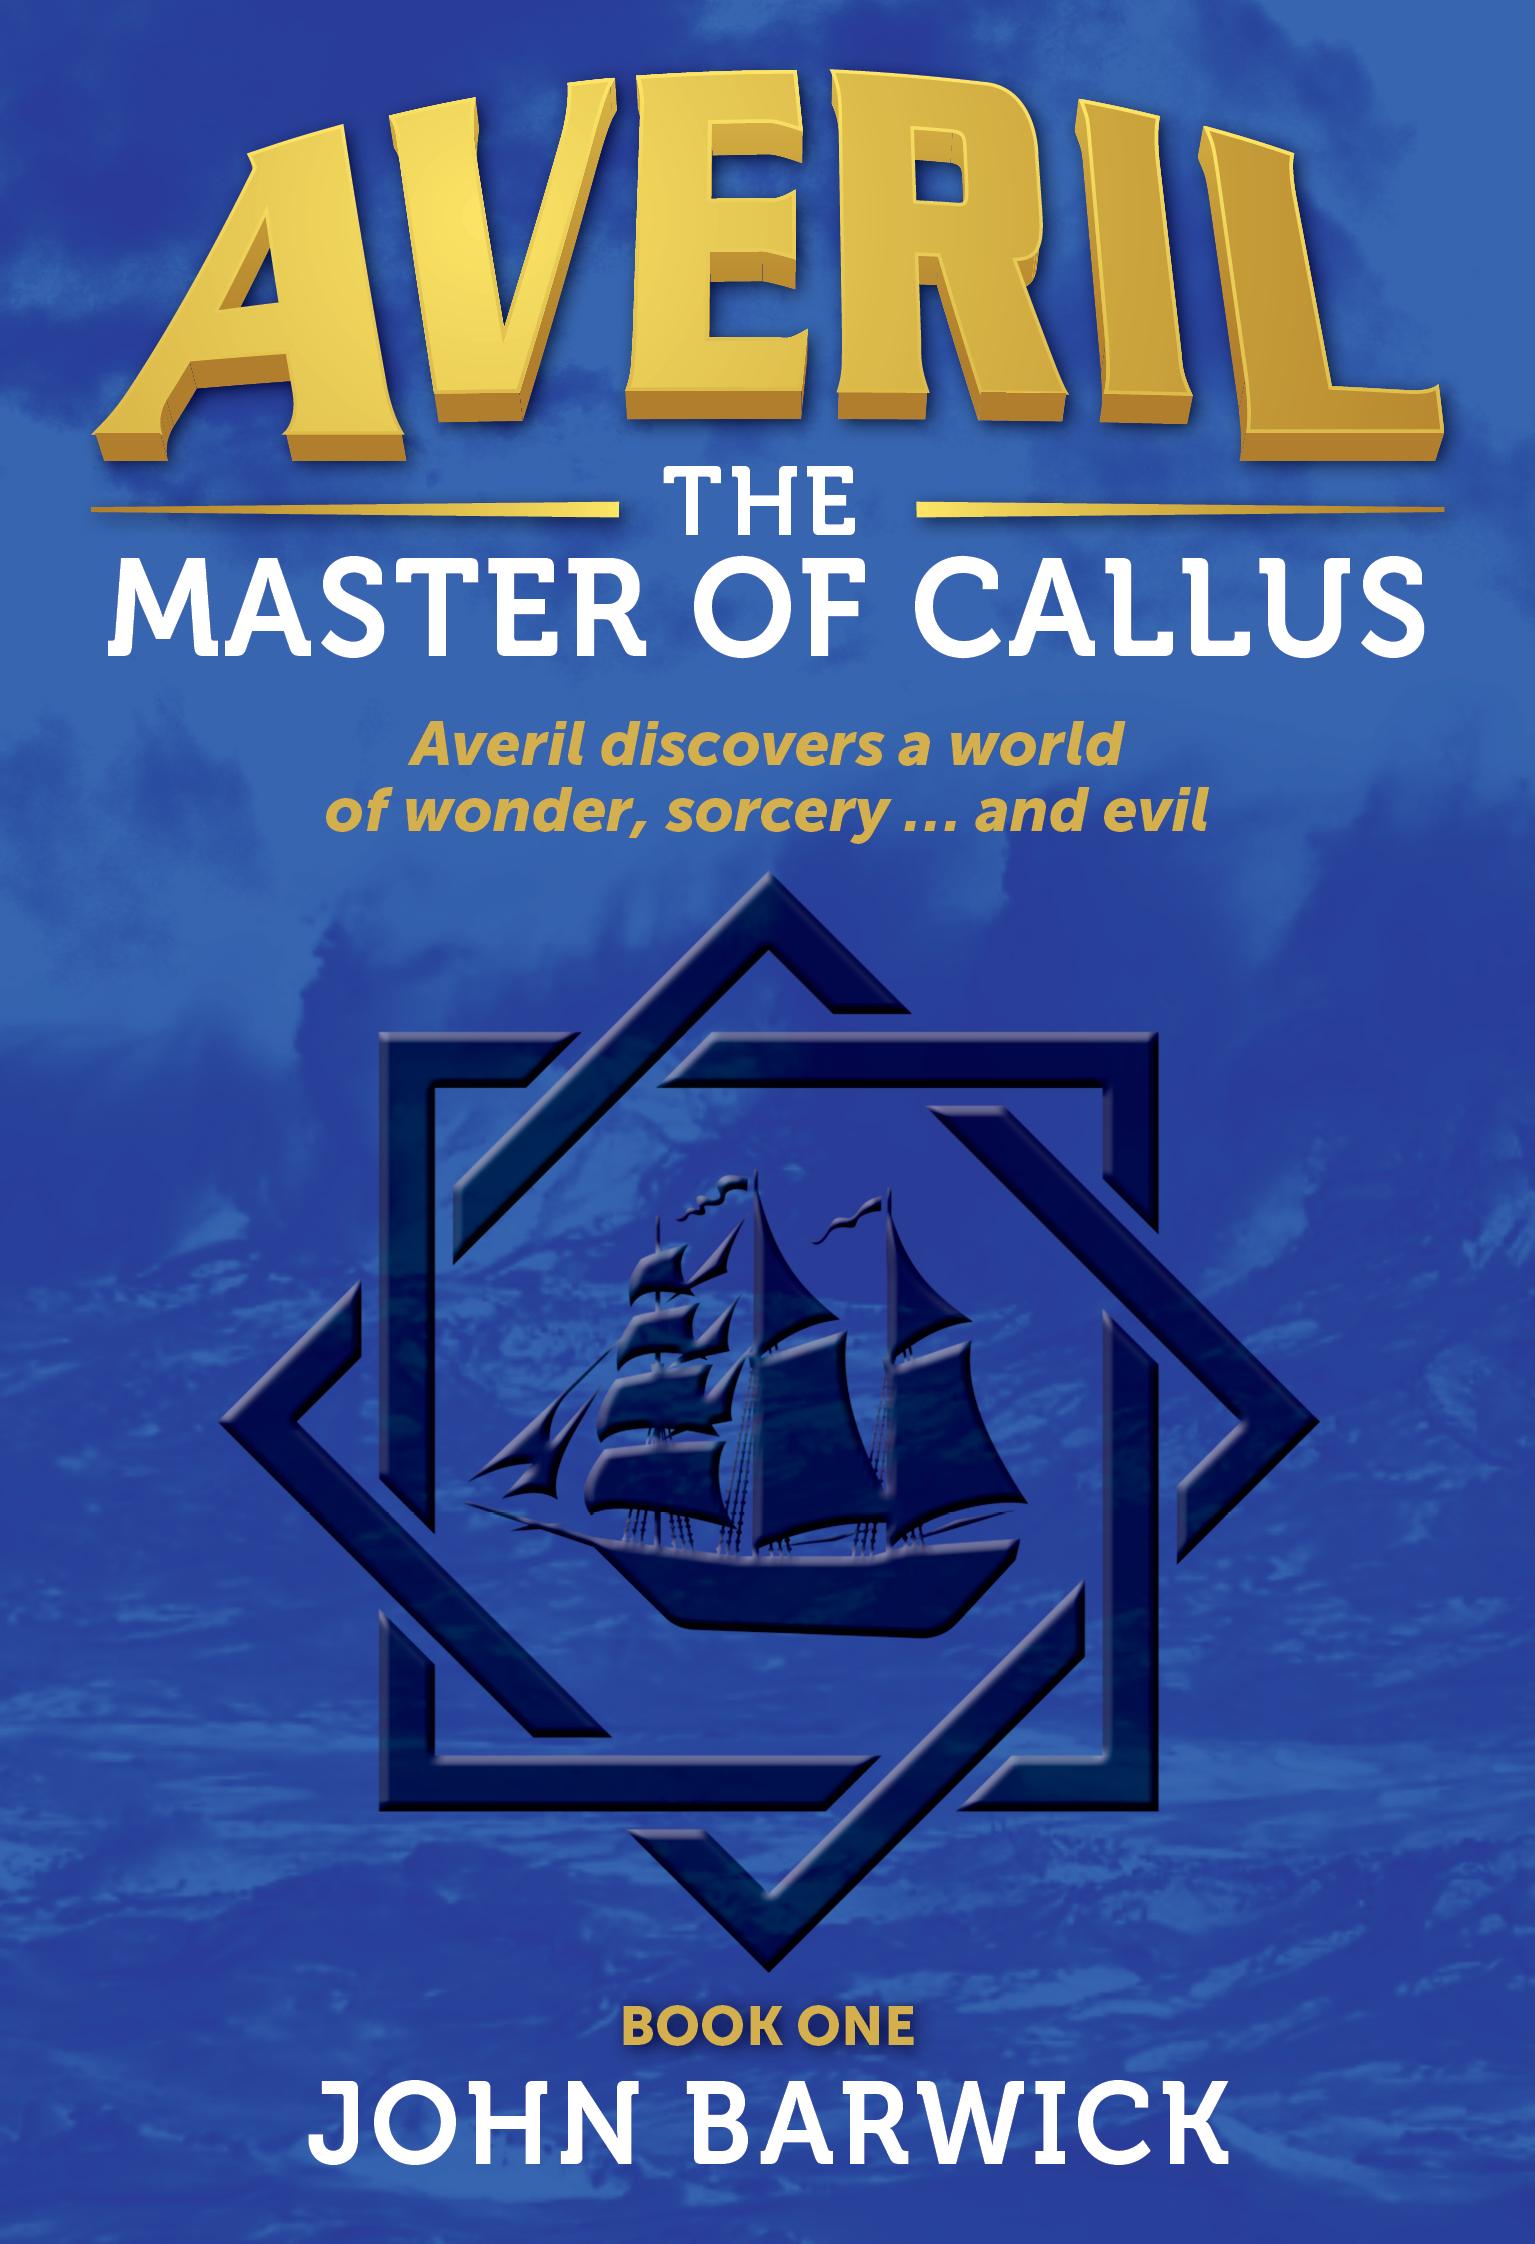 BSP-Averil-1-The-Master-of-Callus-cover